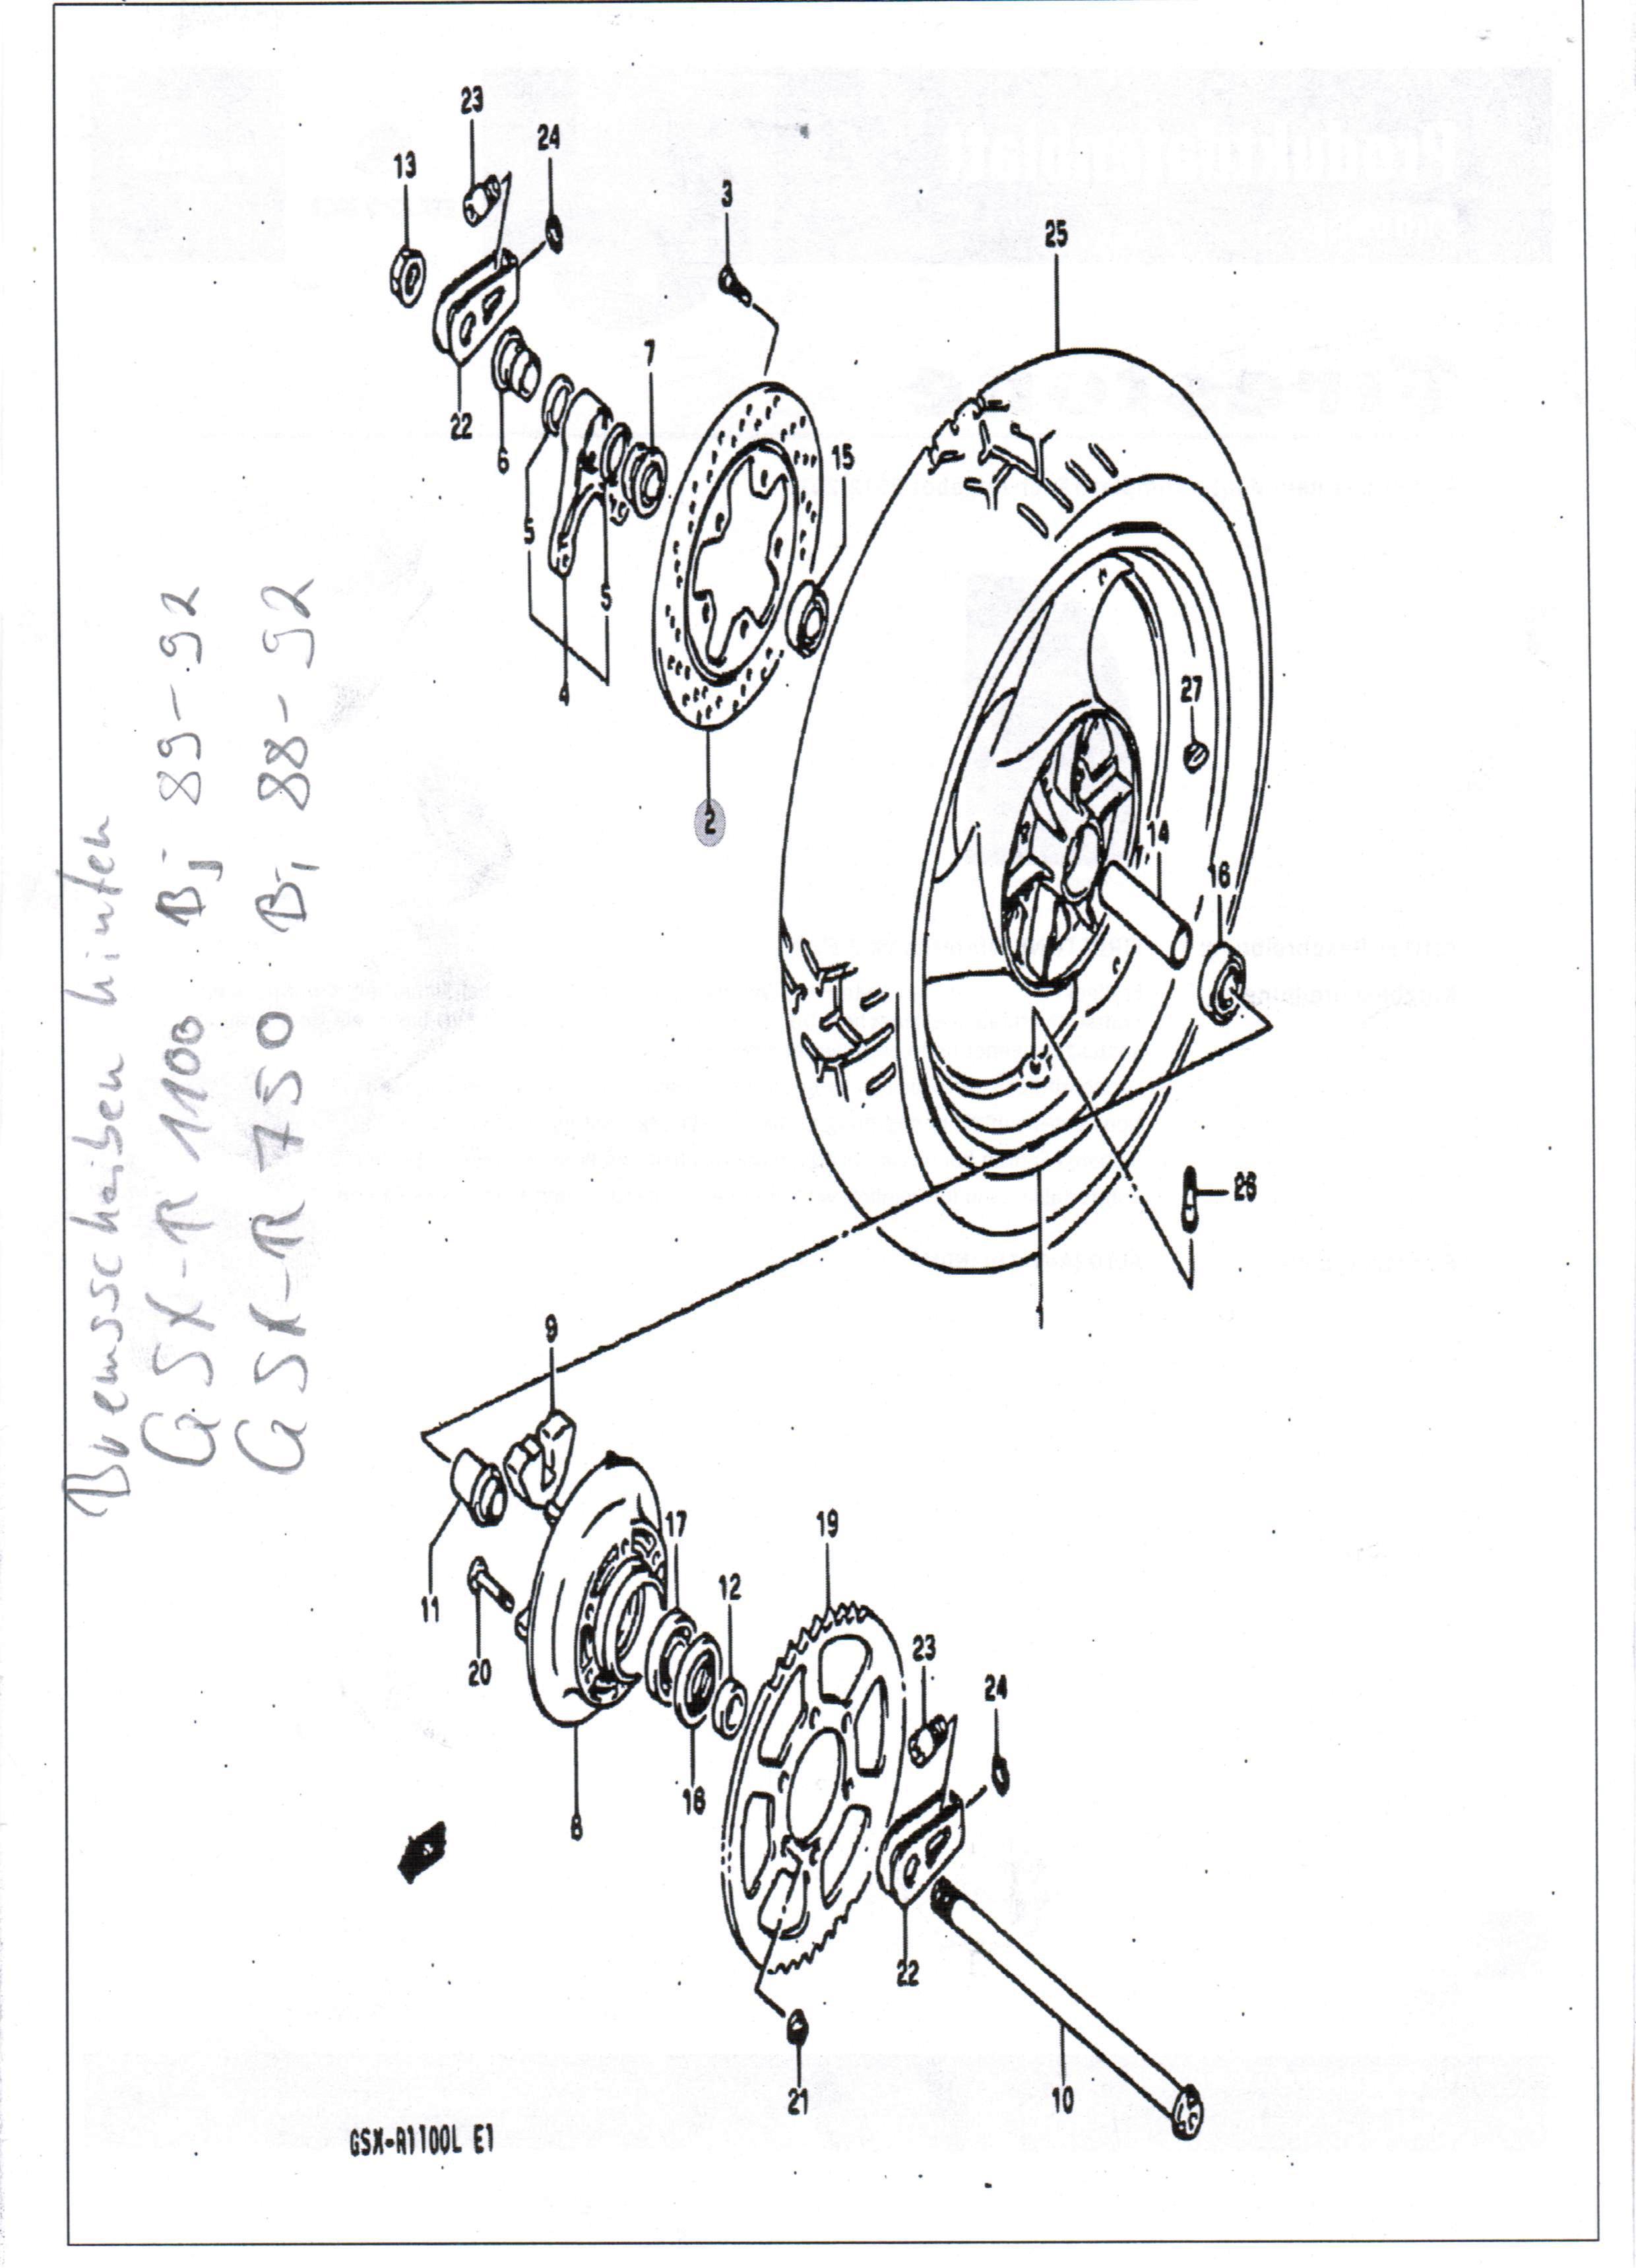 fahrwerk  bremsen  bremsscheibe hinten f u00fcr gsx 1100